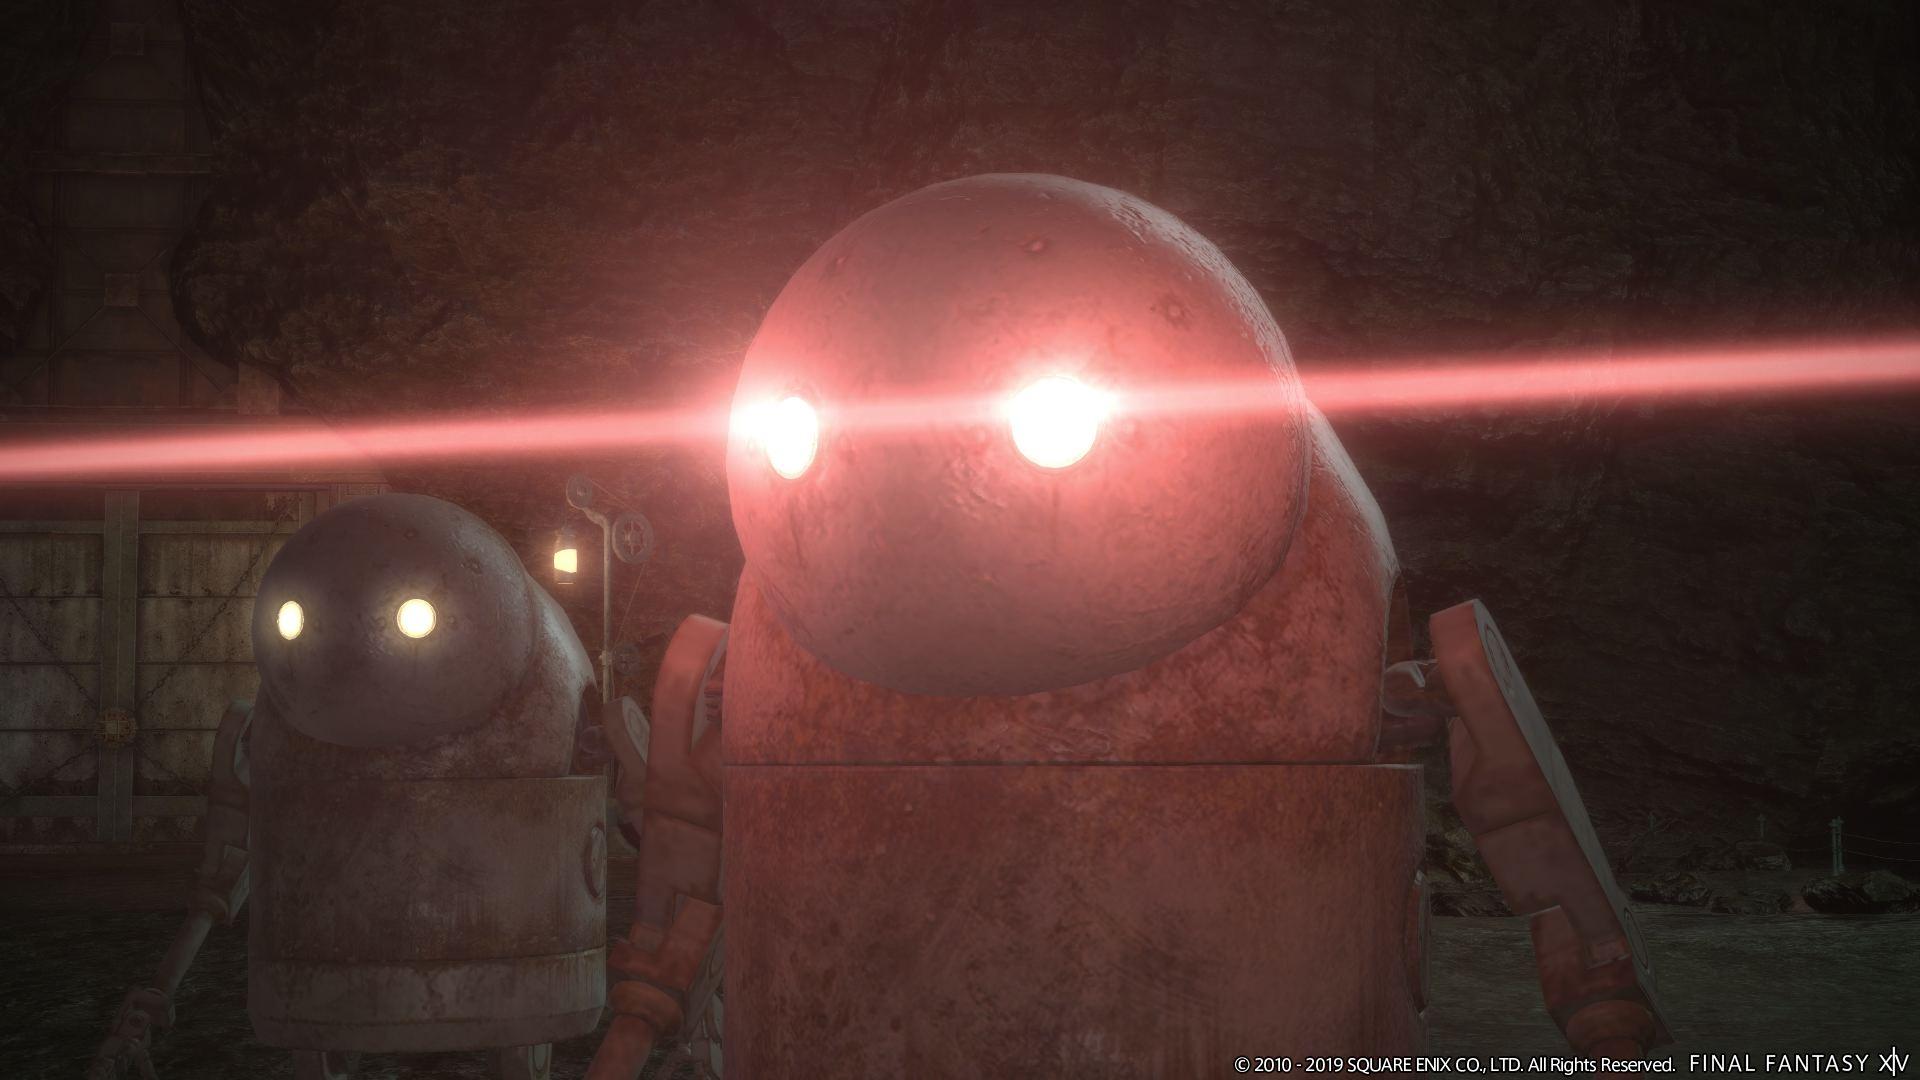 Final Fantasy XIV: Erste Szenen aus dem NieR Allianz-Raid aus Patch 5.1 im Trailer